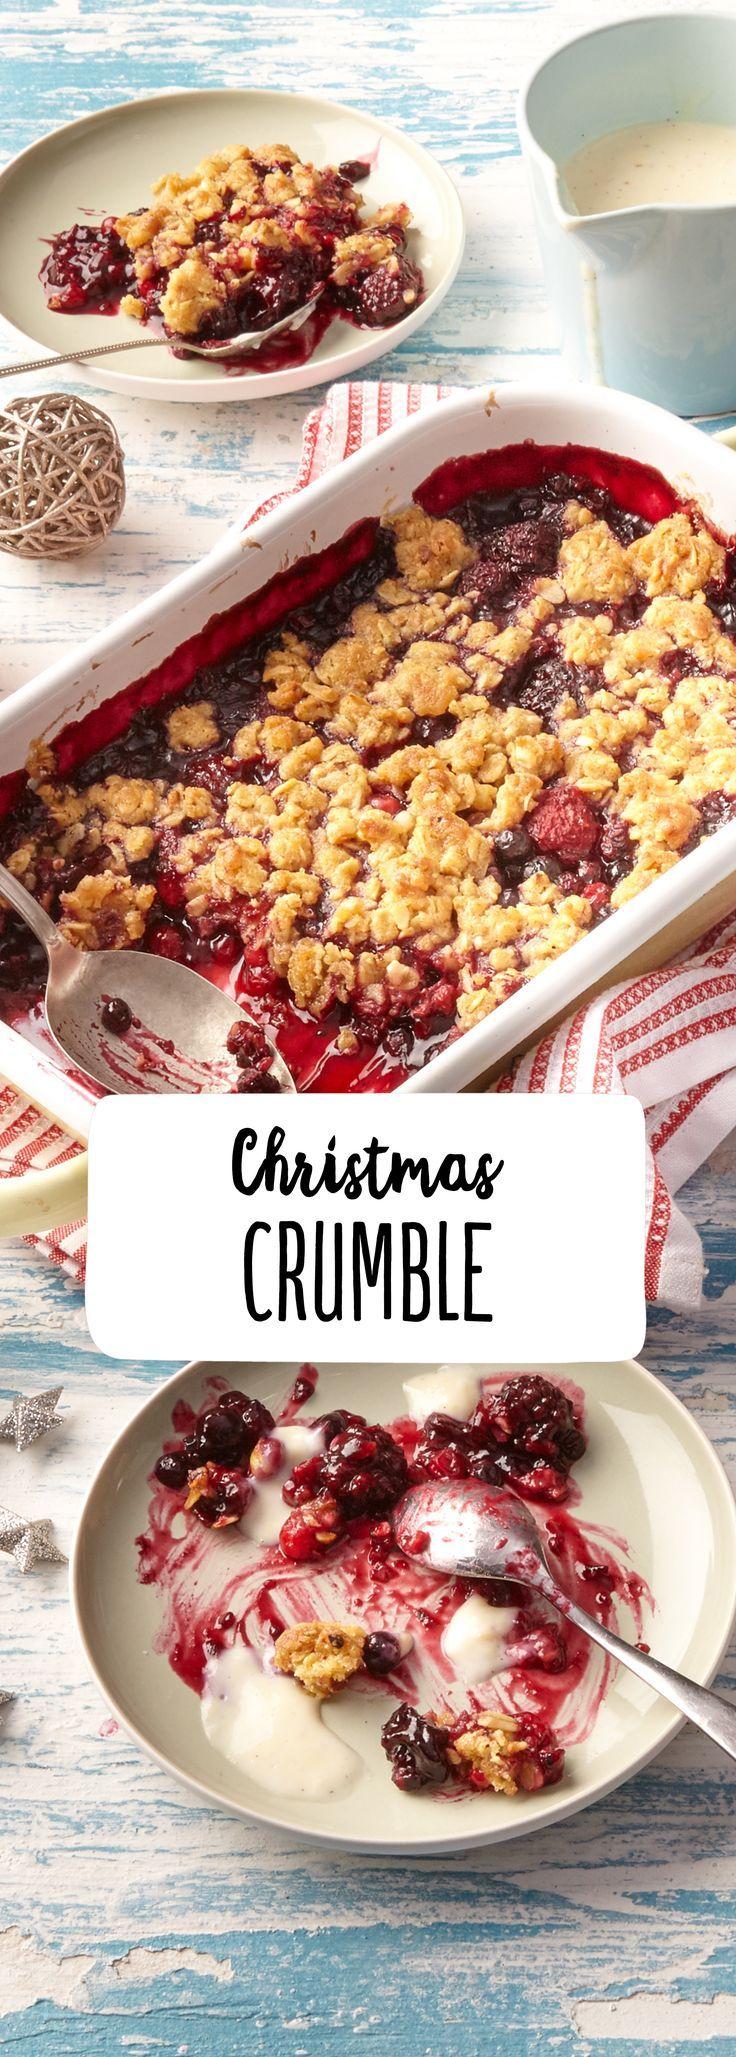 Christmas Crumble mit Beeren & Vanillesauce